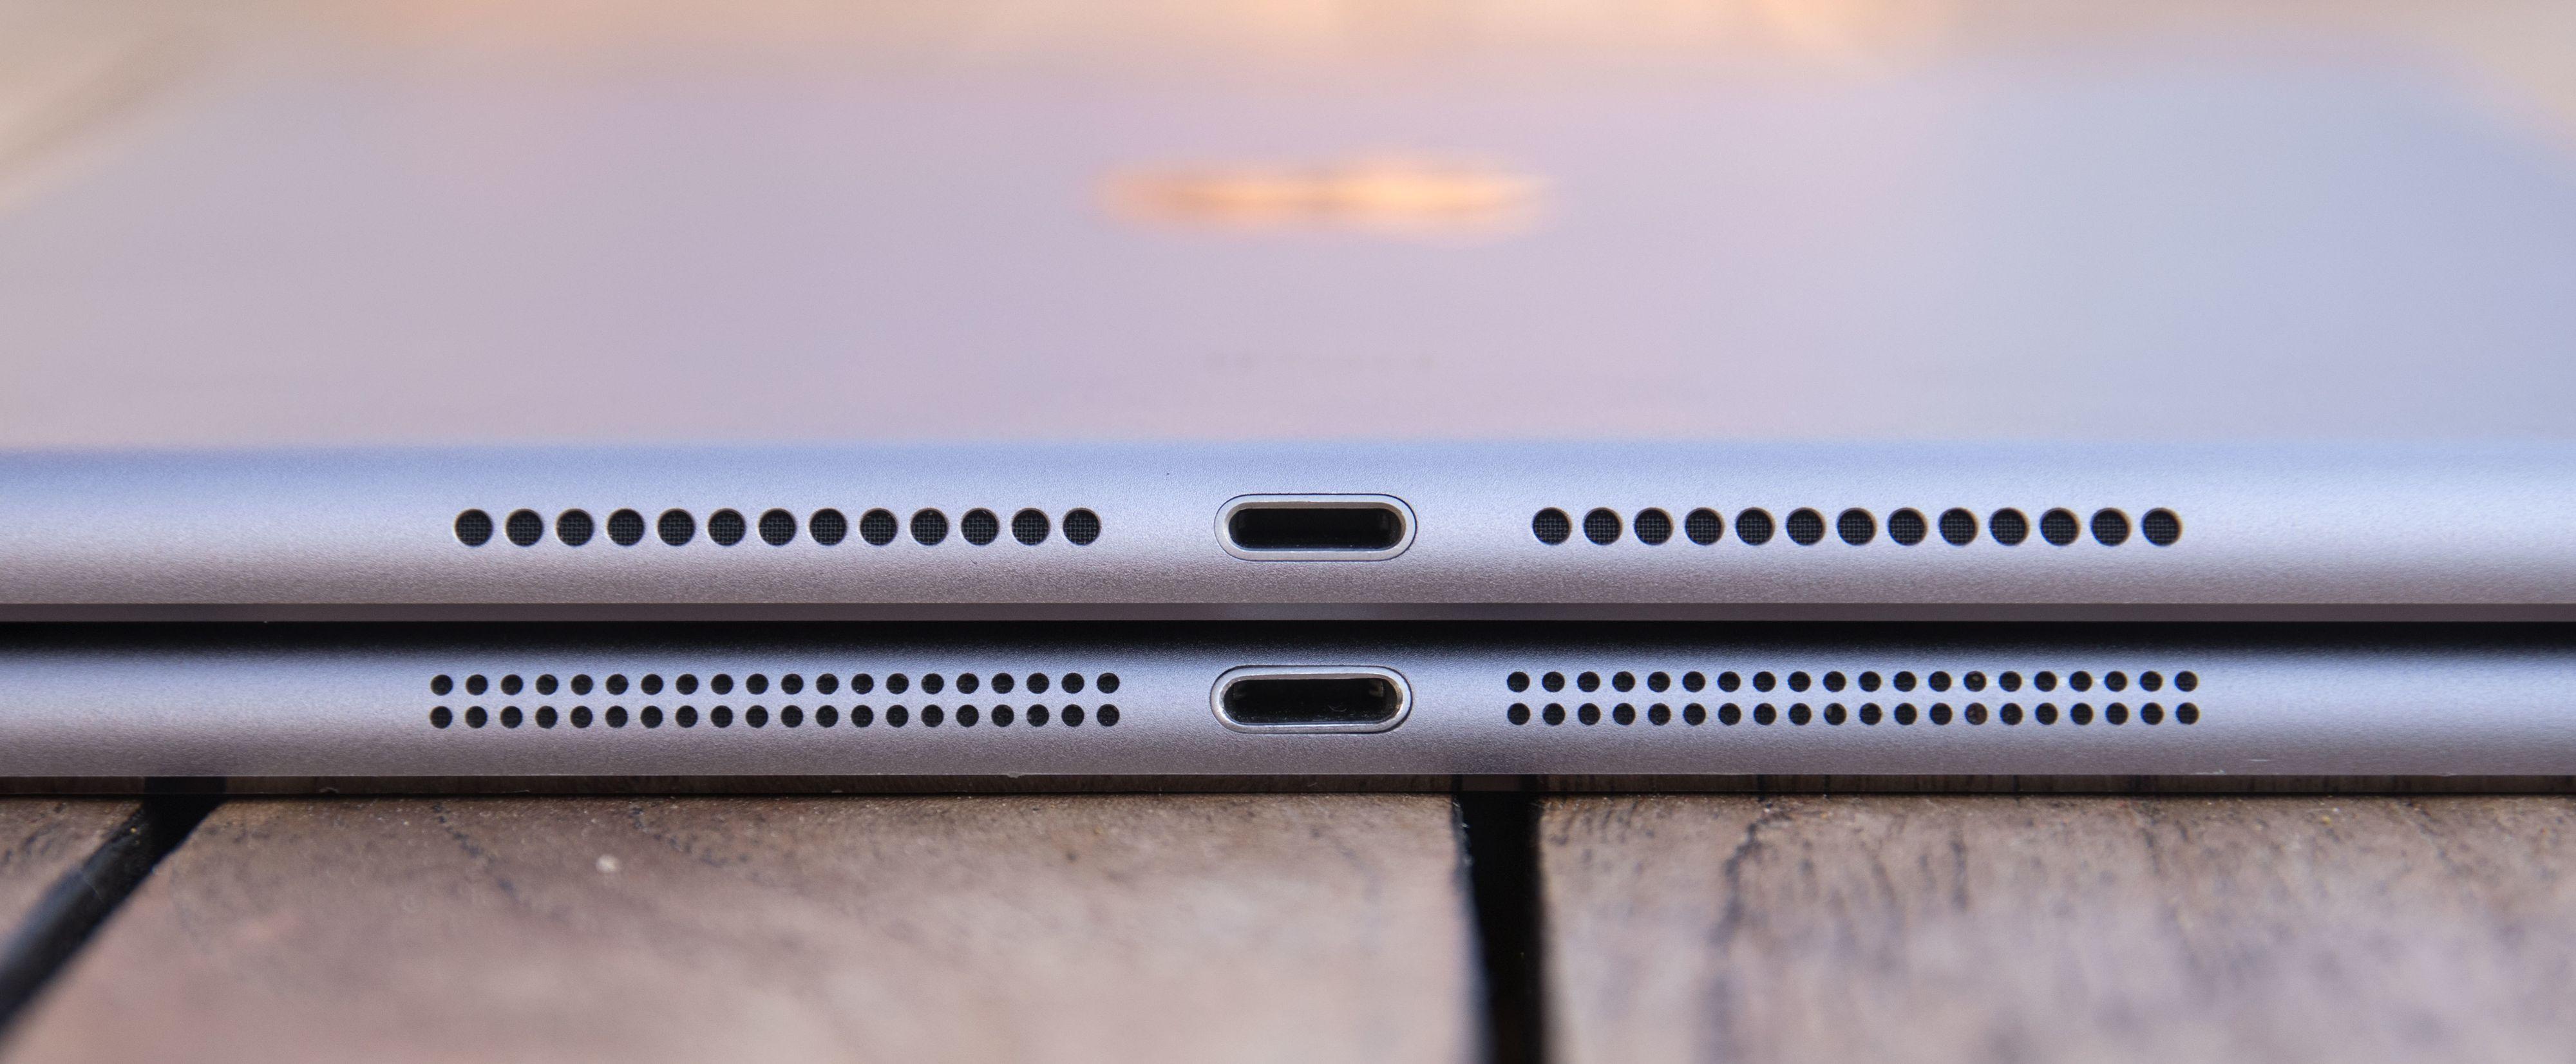 Høyttalergrillene har endret seg bittelitt. Nye iPad øverst, originale iPad Air nederst.